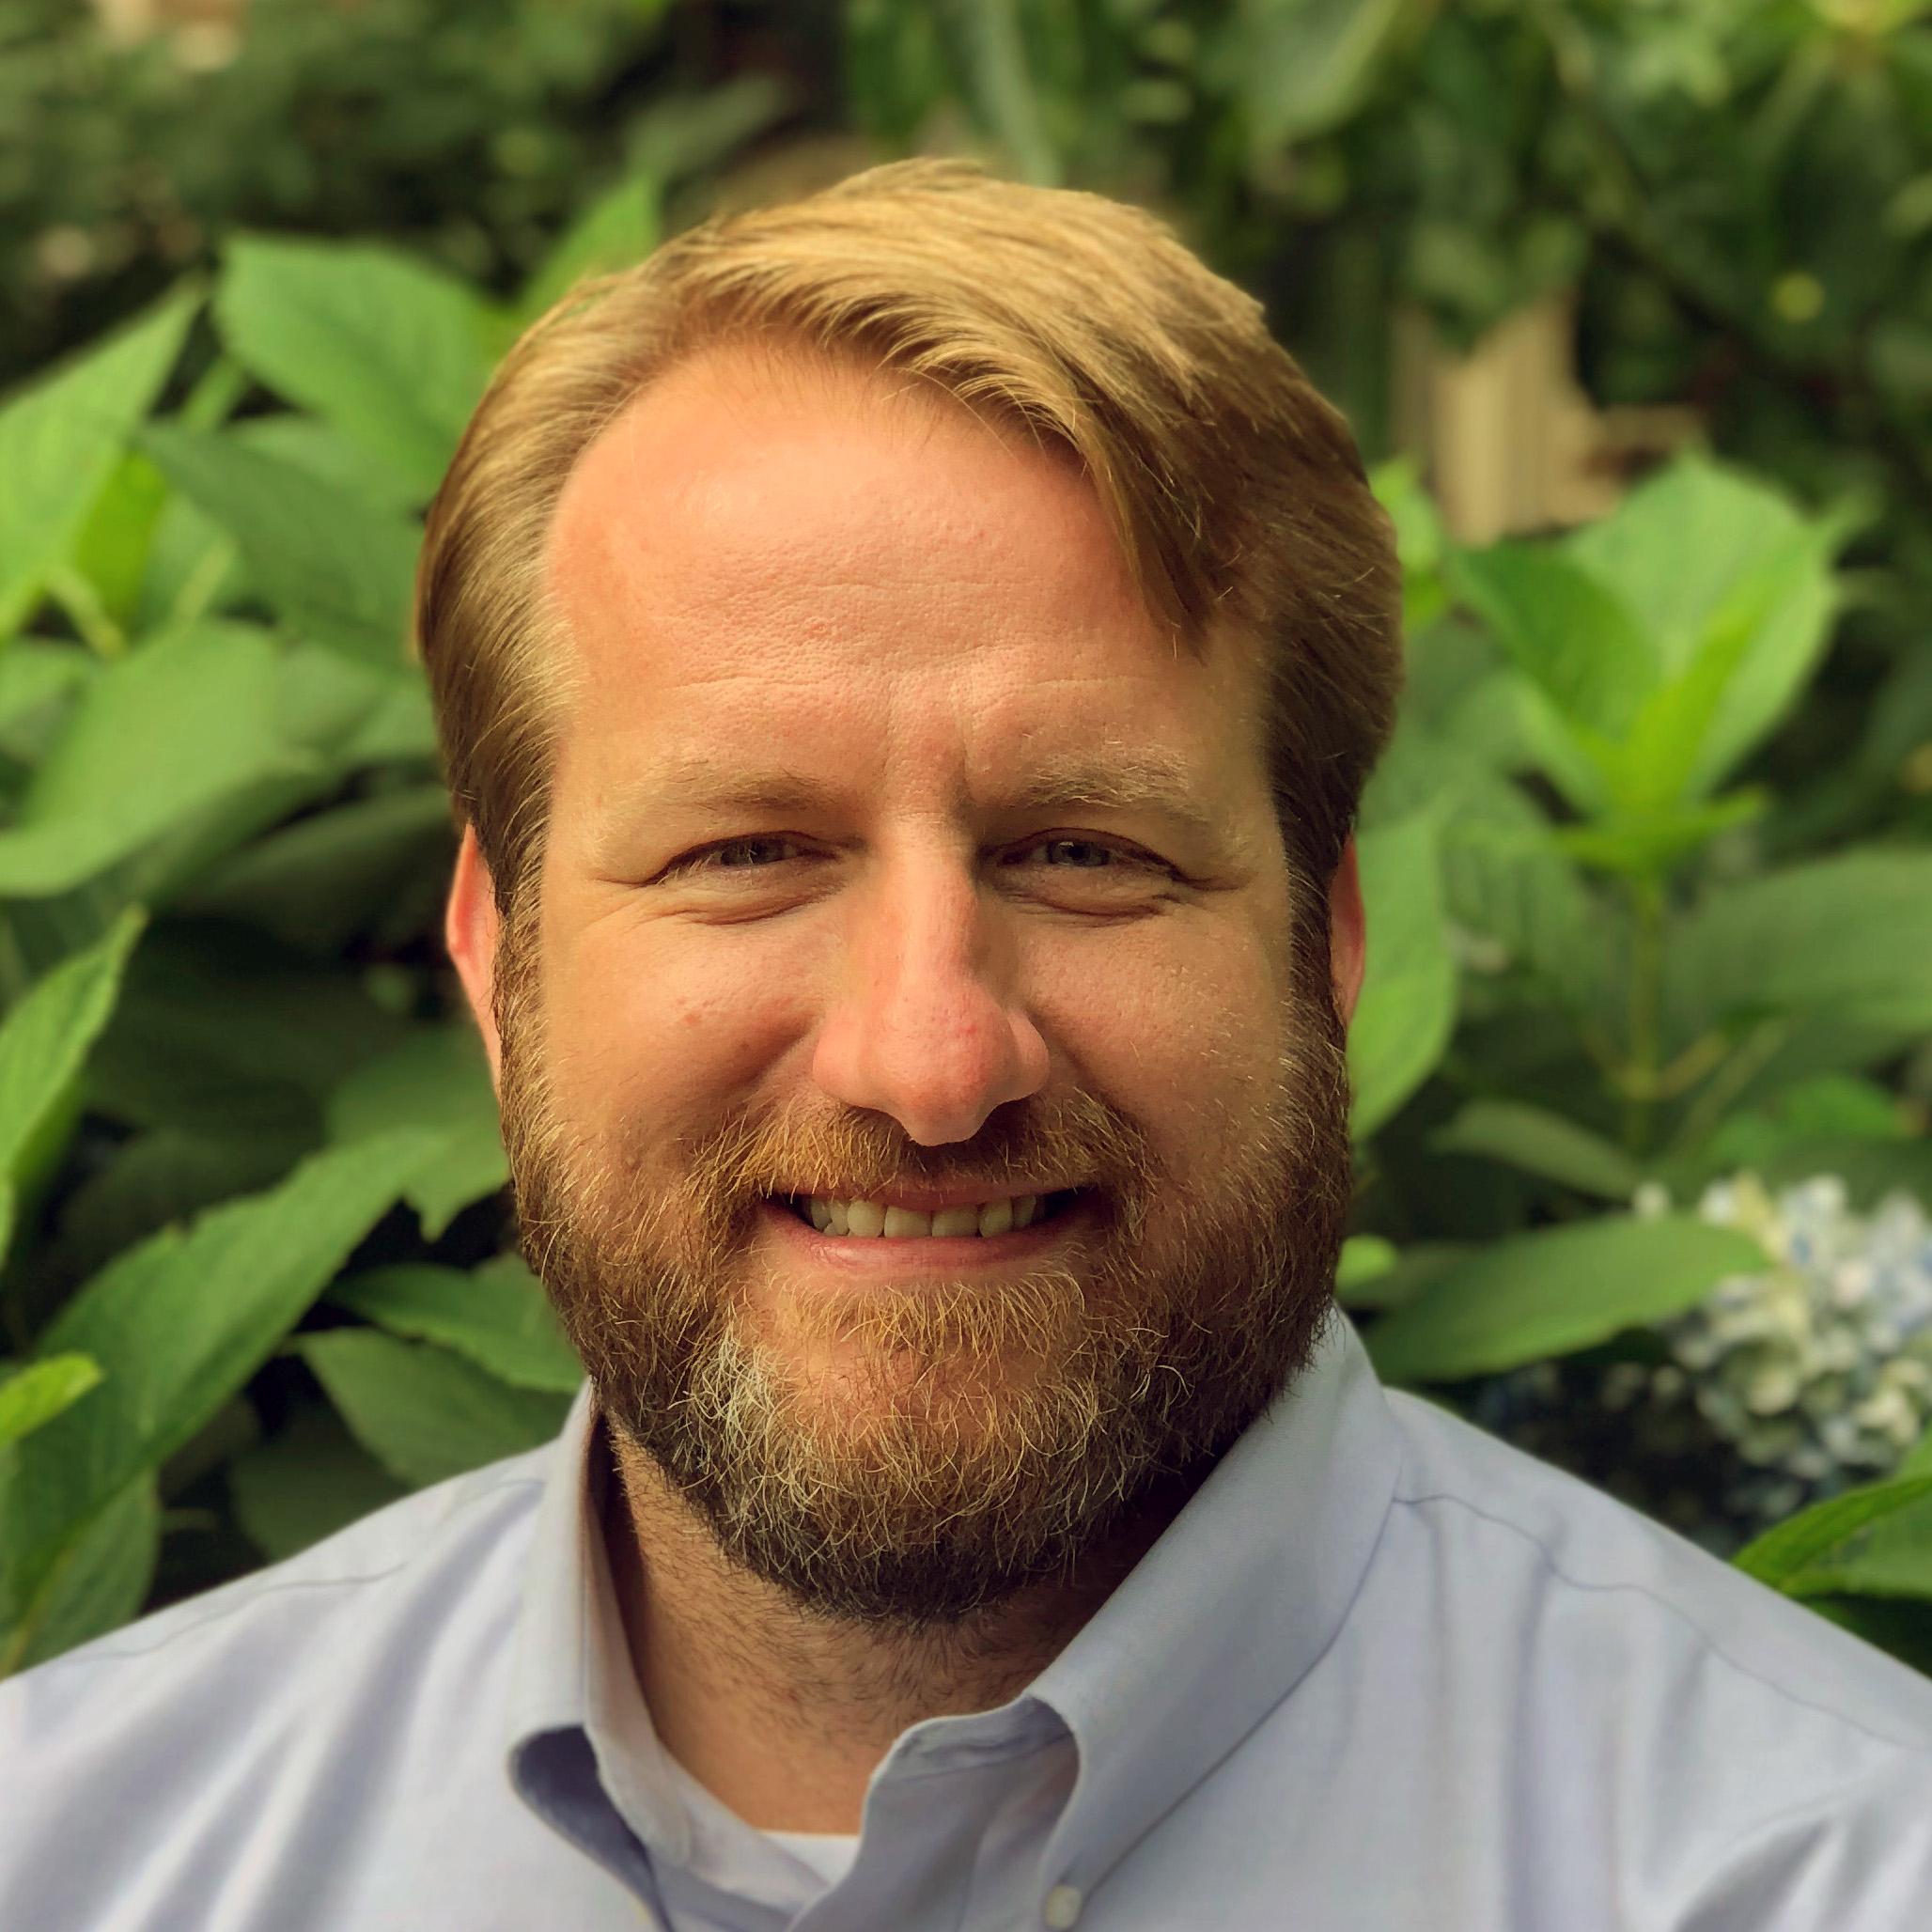 Photo of Christian Miller